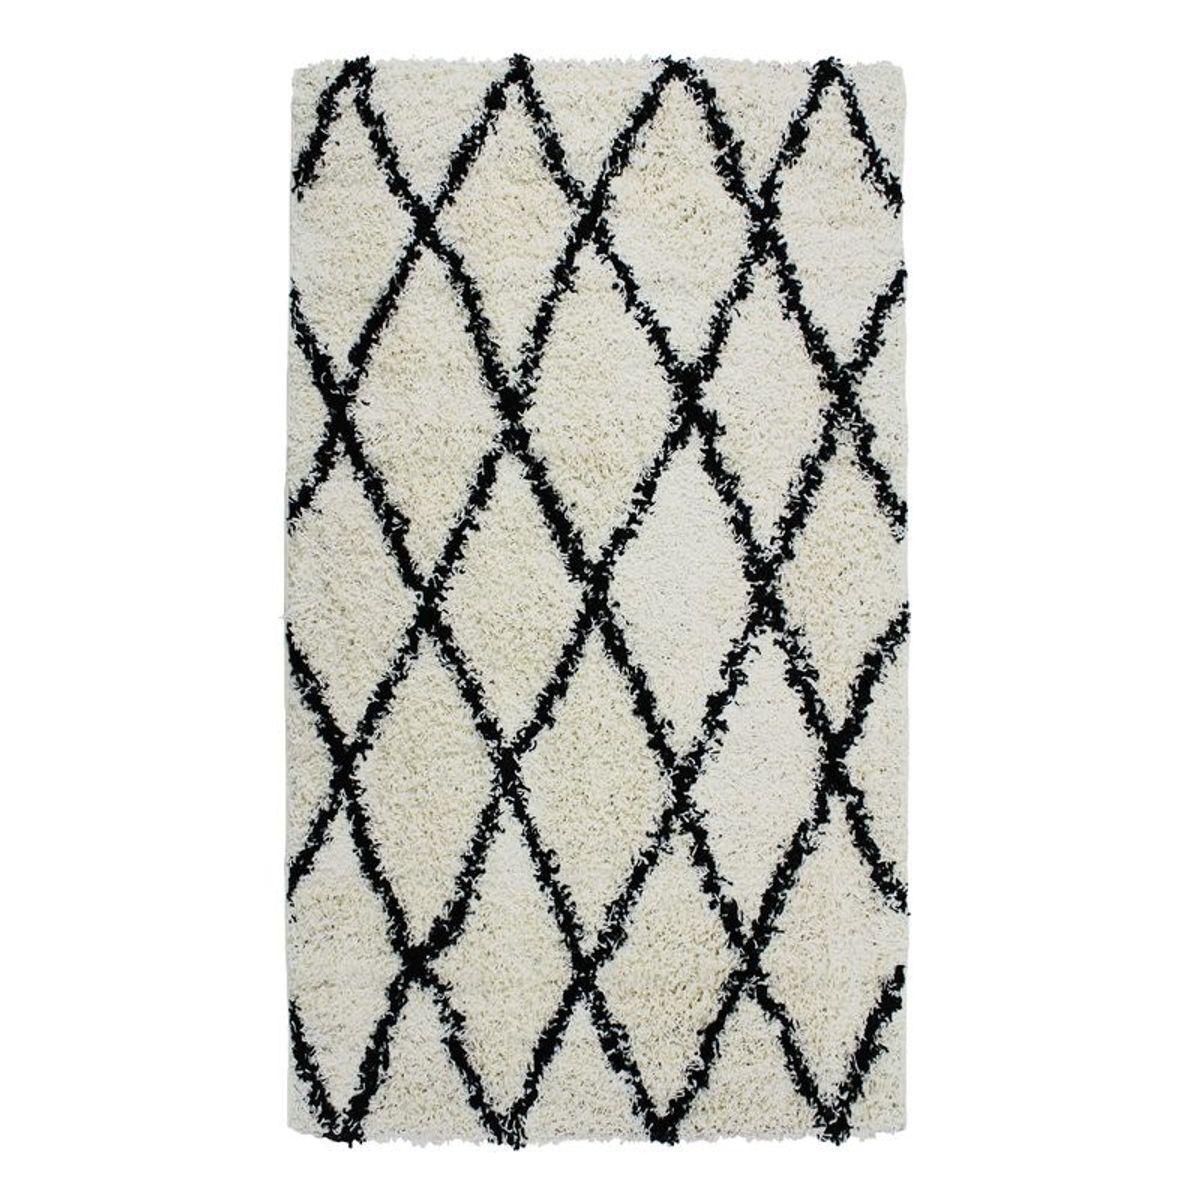 TheDecoFactory ETHNIC BERBERE - Tapis toucher laineux ethnique écru et noir 80x140 Blanc